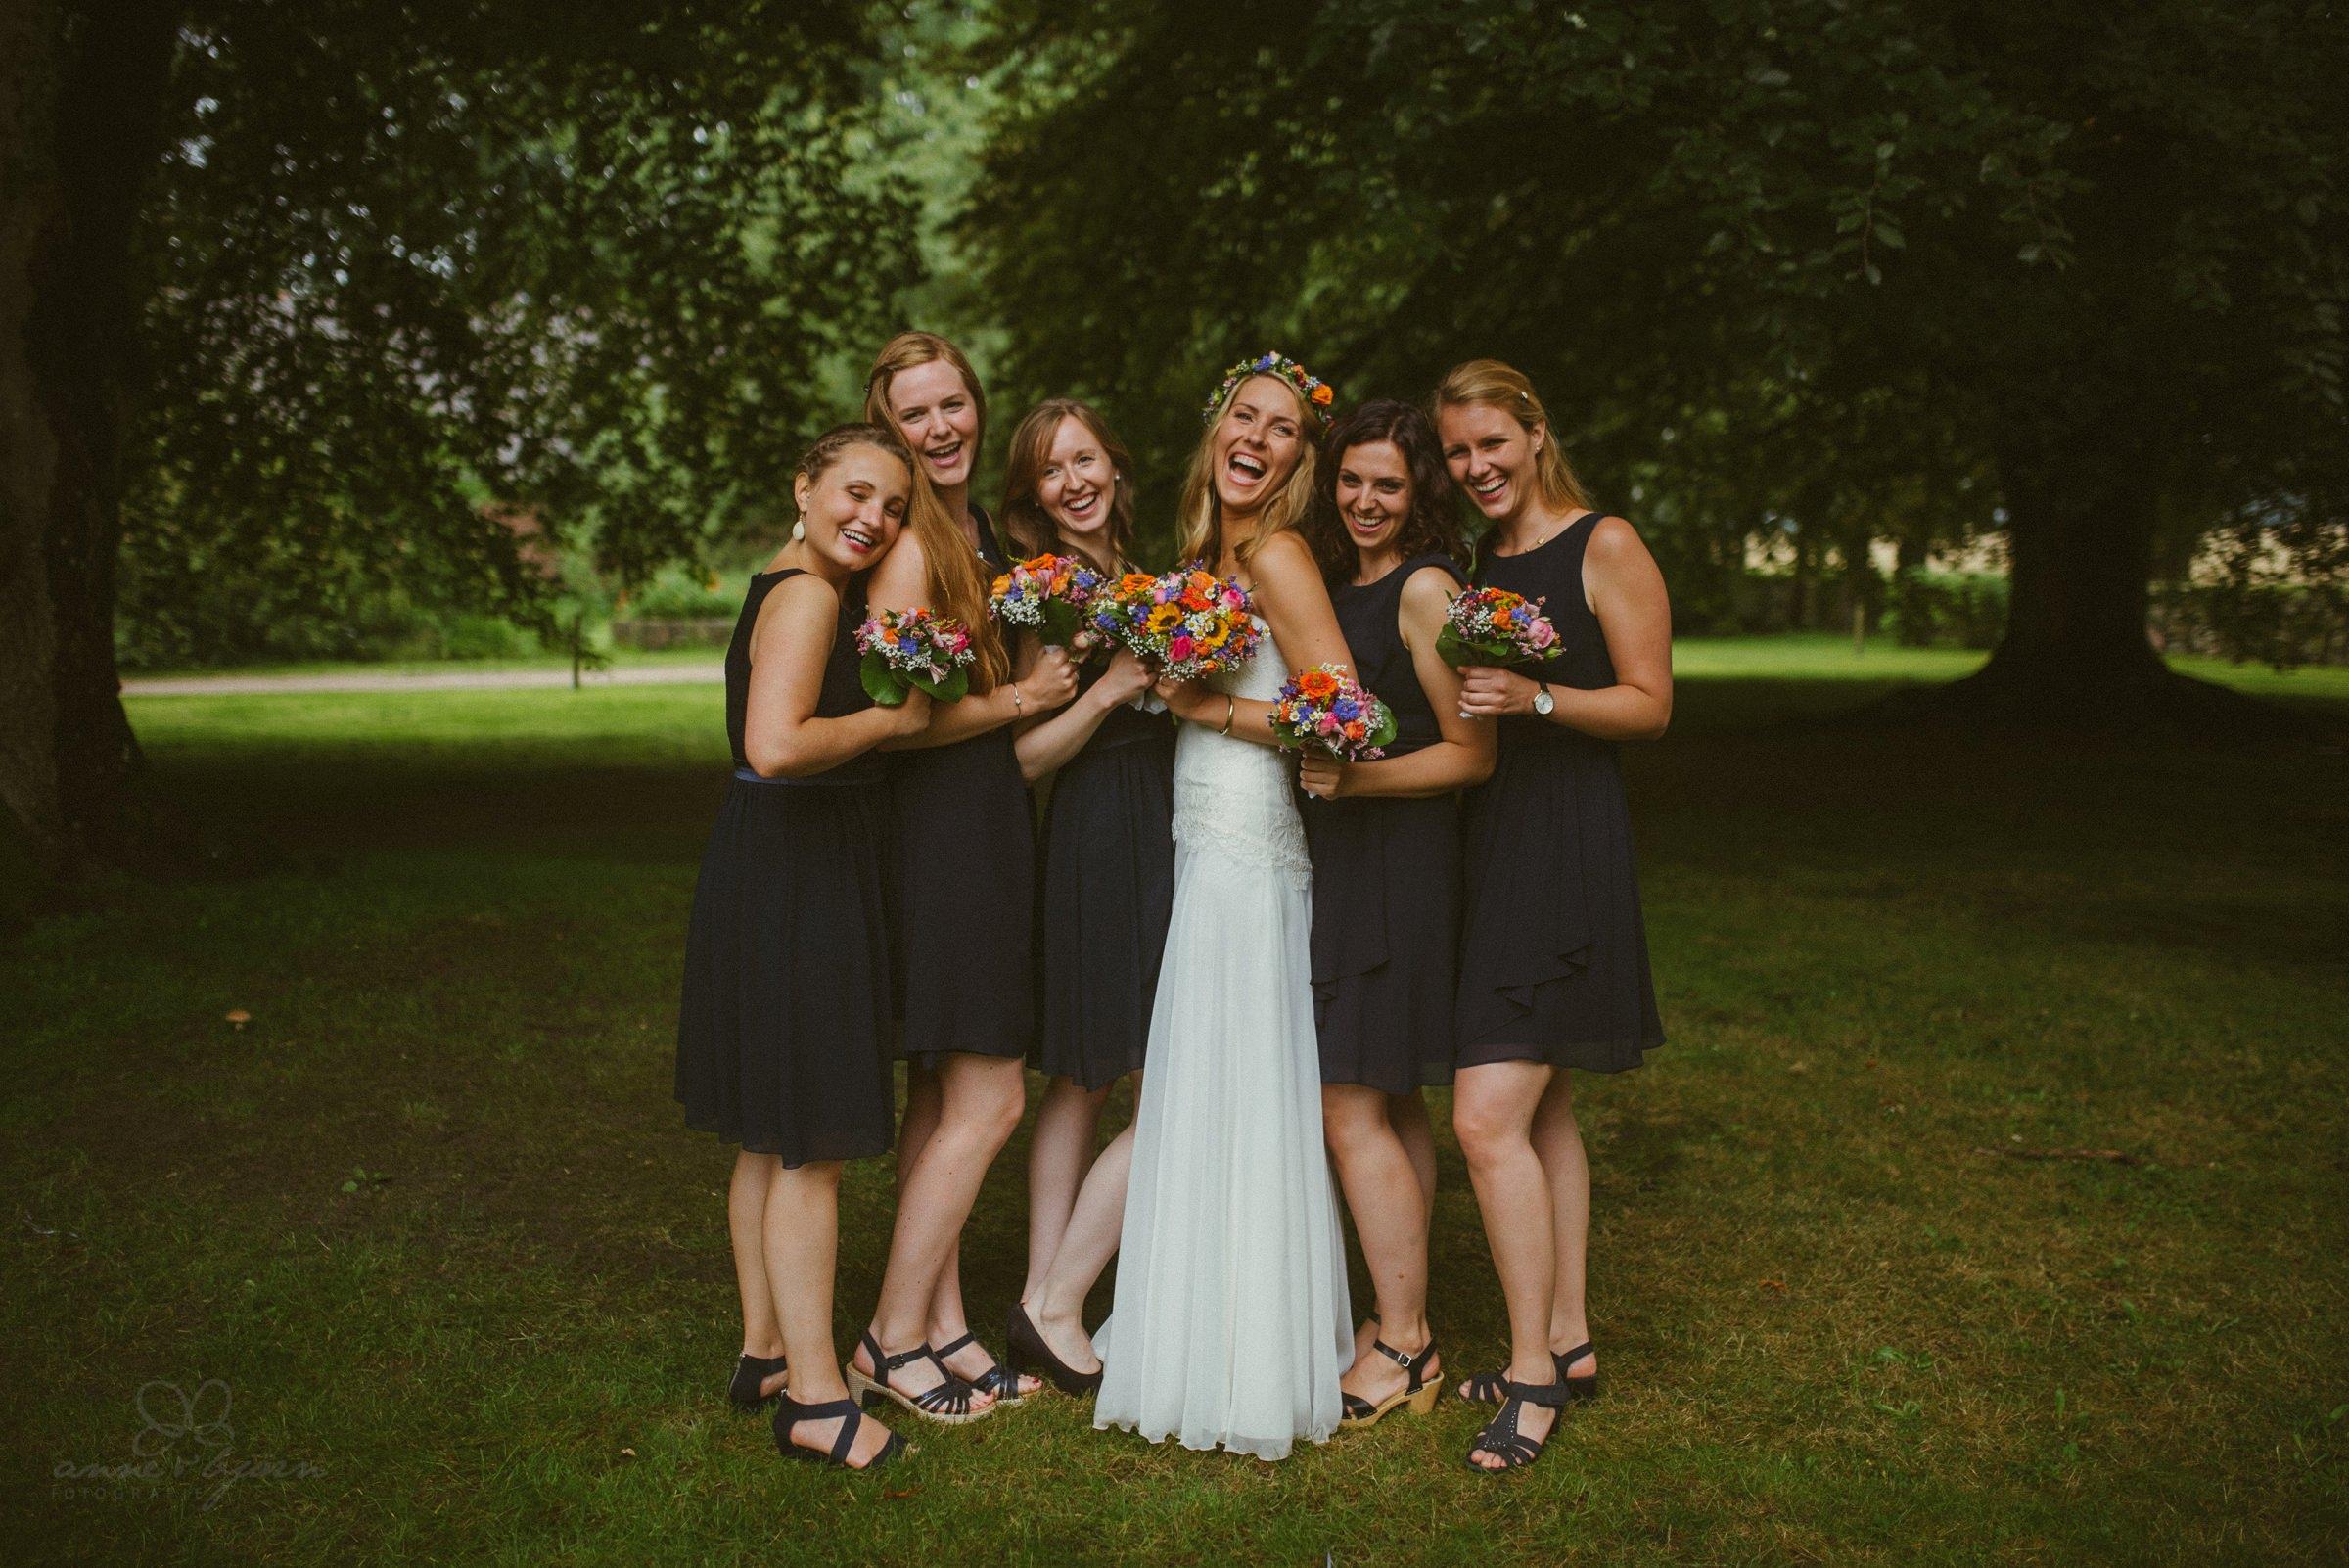 Brautjungfernkleider, dunkelblau, Brautkleid, Blumen, Freundinnen, Bridesmaids, girls, friends